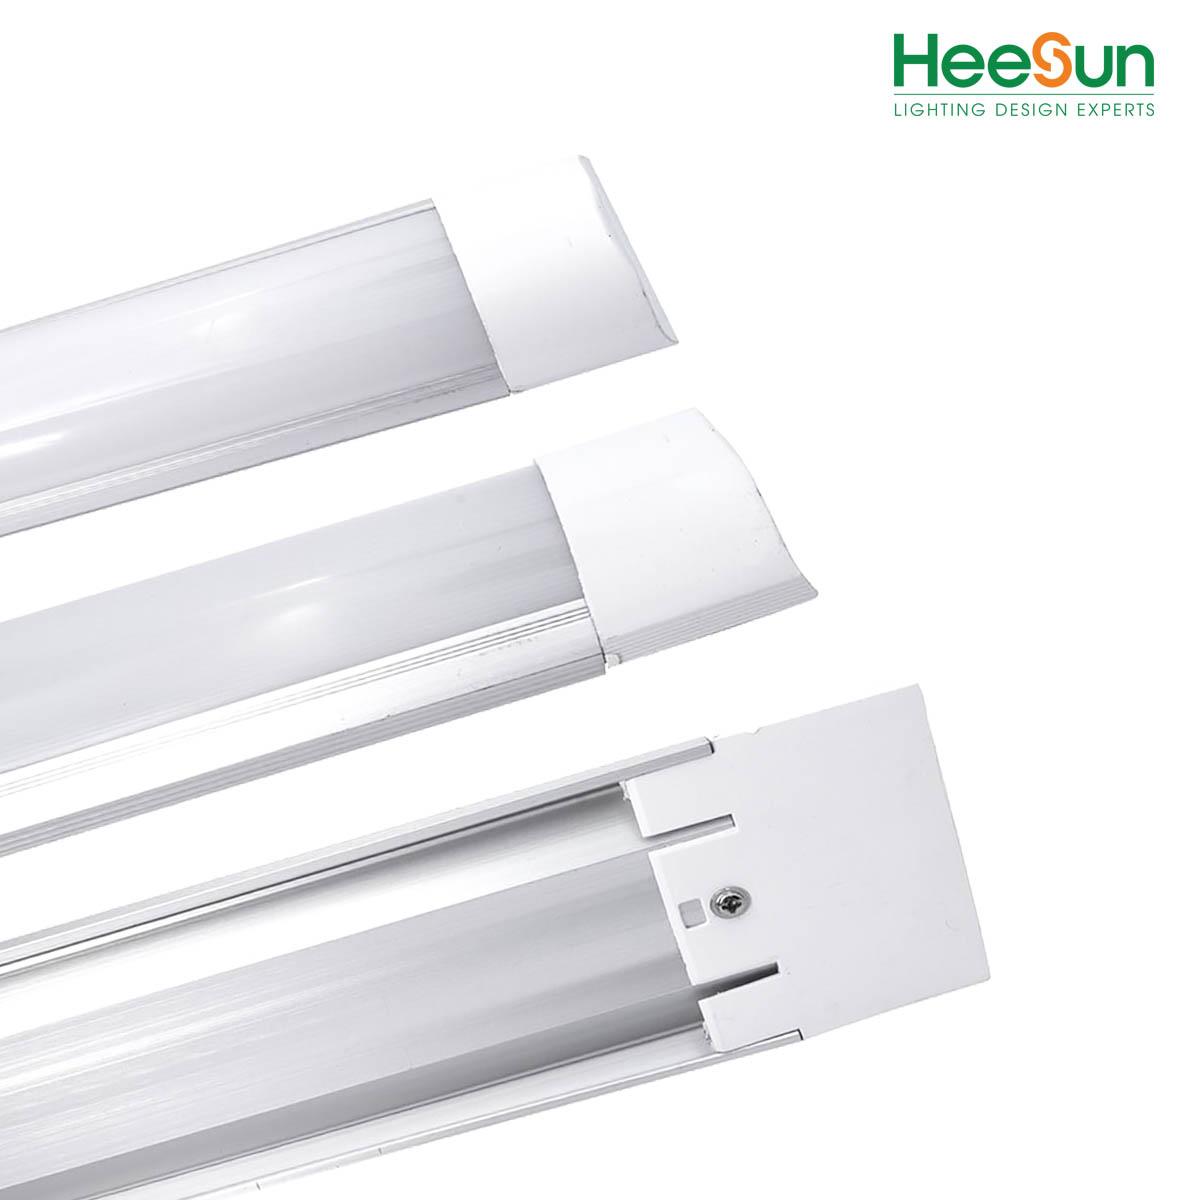 Đèn LED Tuýp bán nguyệt HS-TBN18 - HEESUN VIỆT NAM